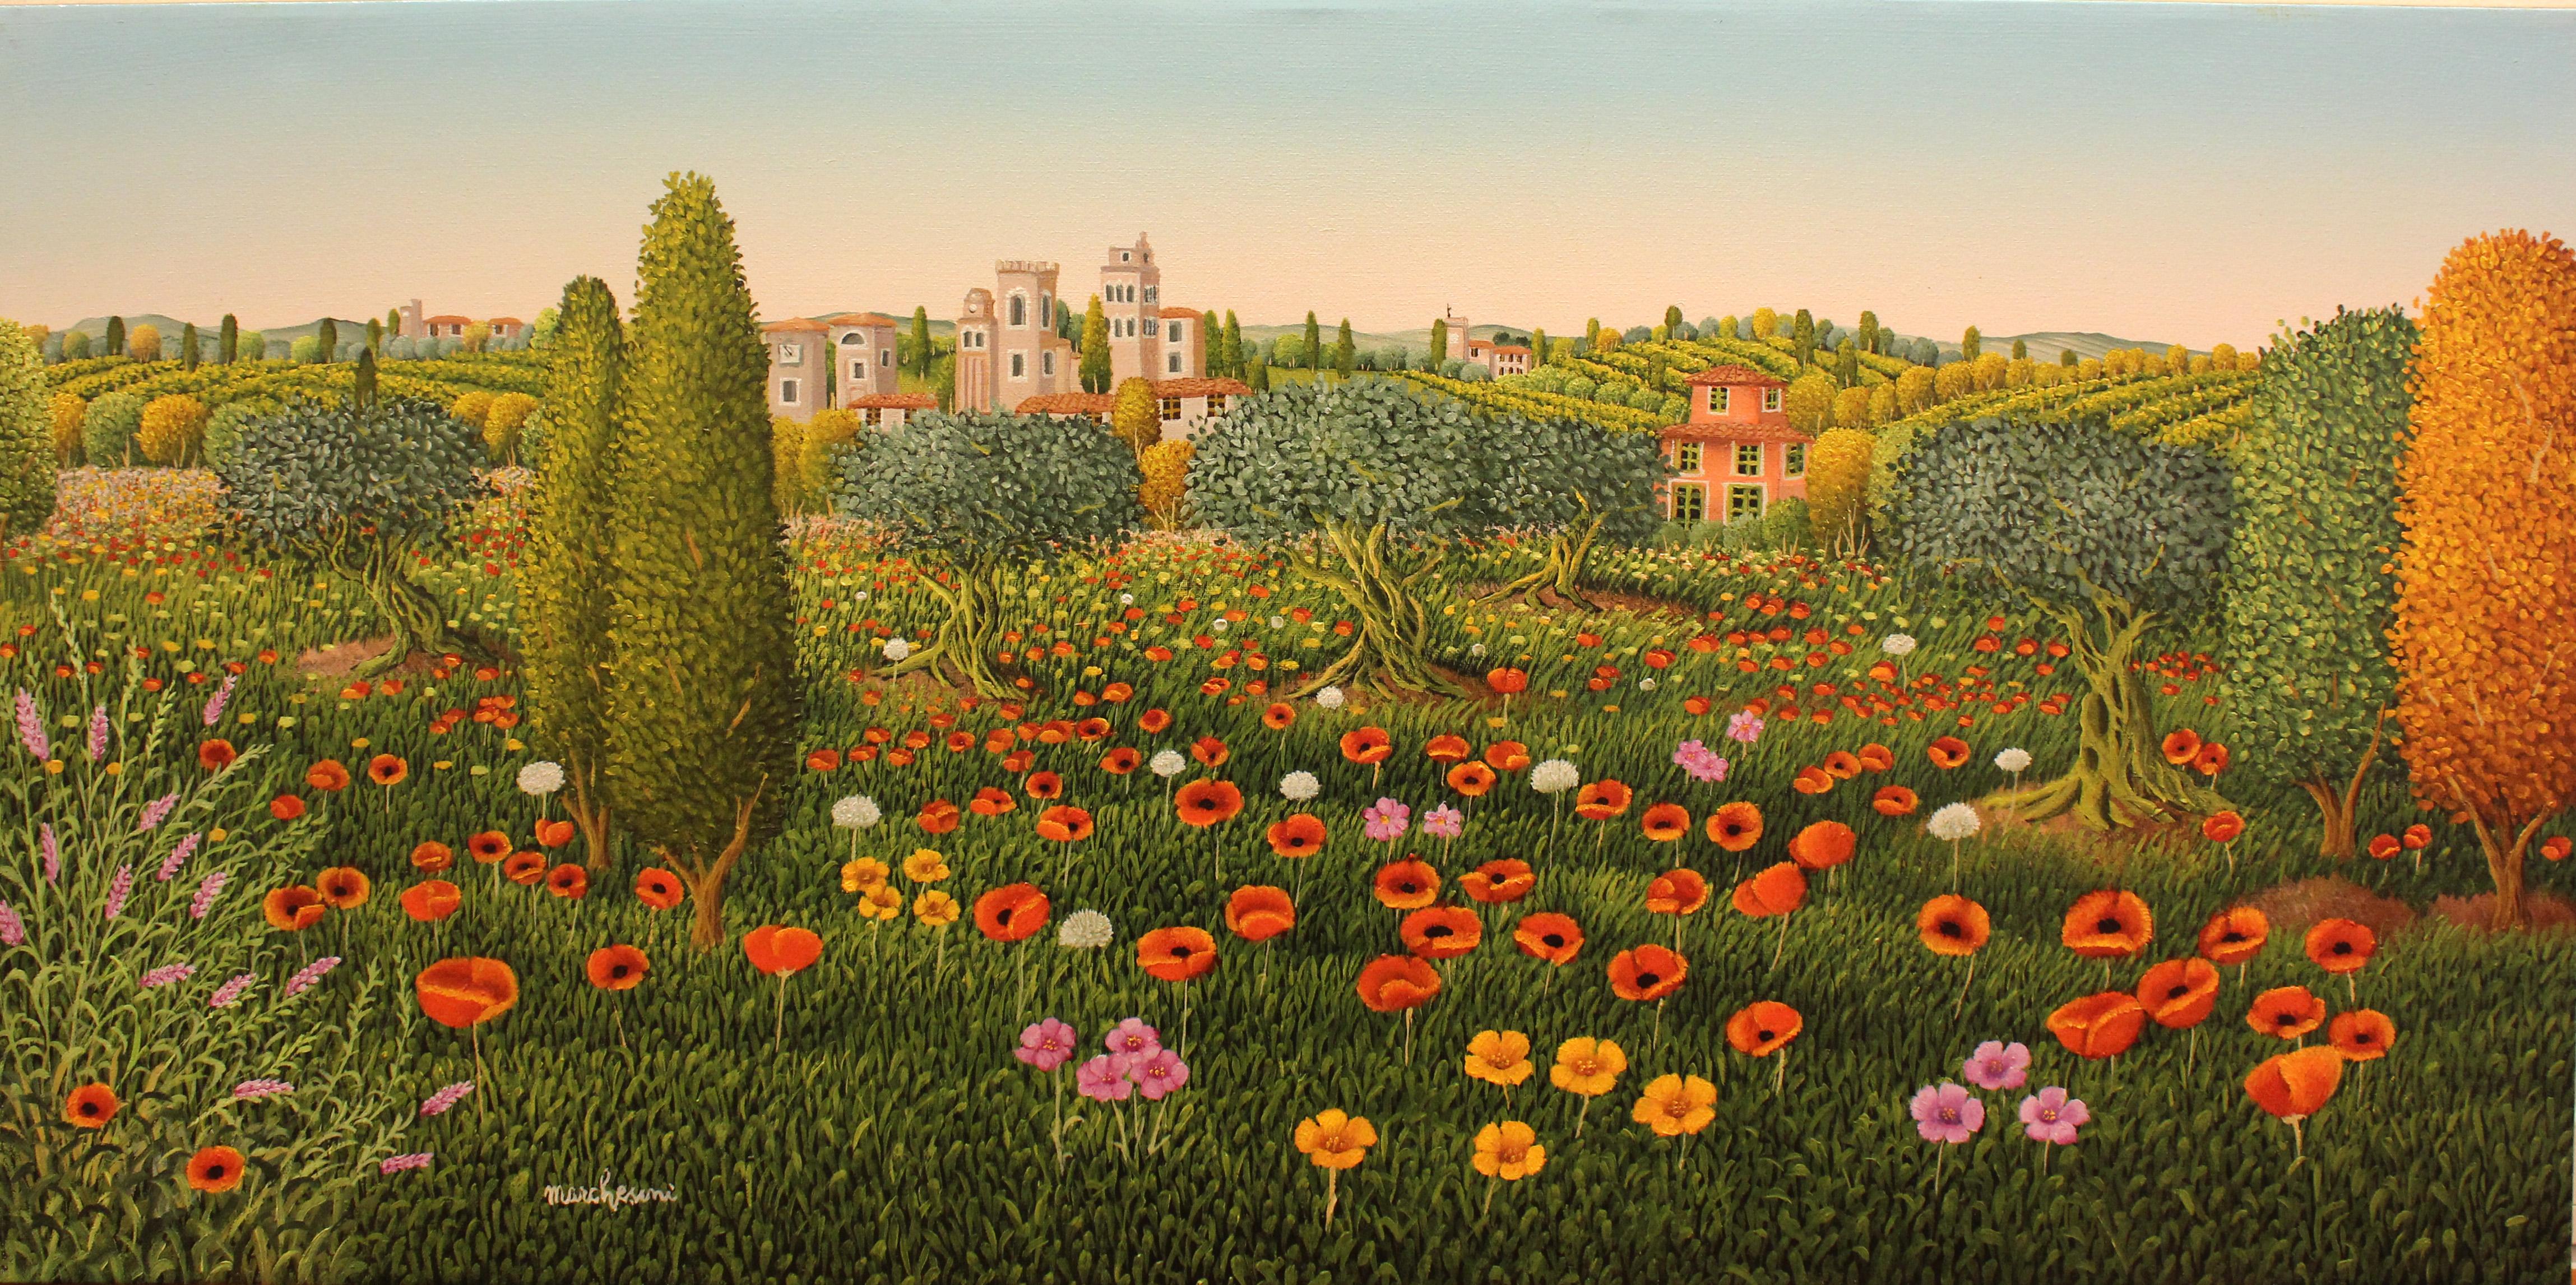 Marc Lesini art-義大利藝術家,色彩繽紛的畫作, 場景中的顏色,光線,空間,構圖的靈感創造出特定的氛圍。。。 - ☆平平.淡淡.也是真☆  - ☆☆milk 平平。淡淡。也是真 ☆☆